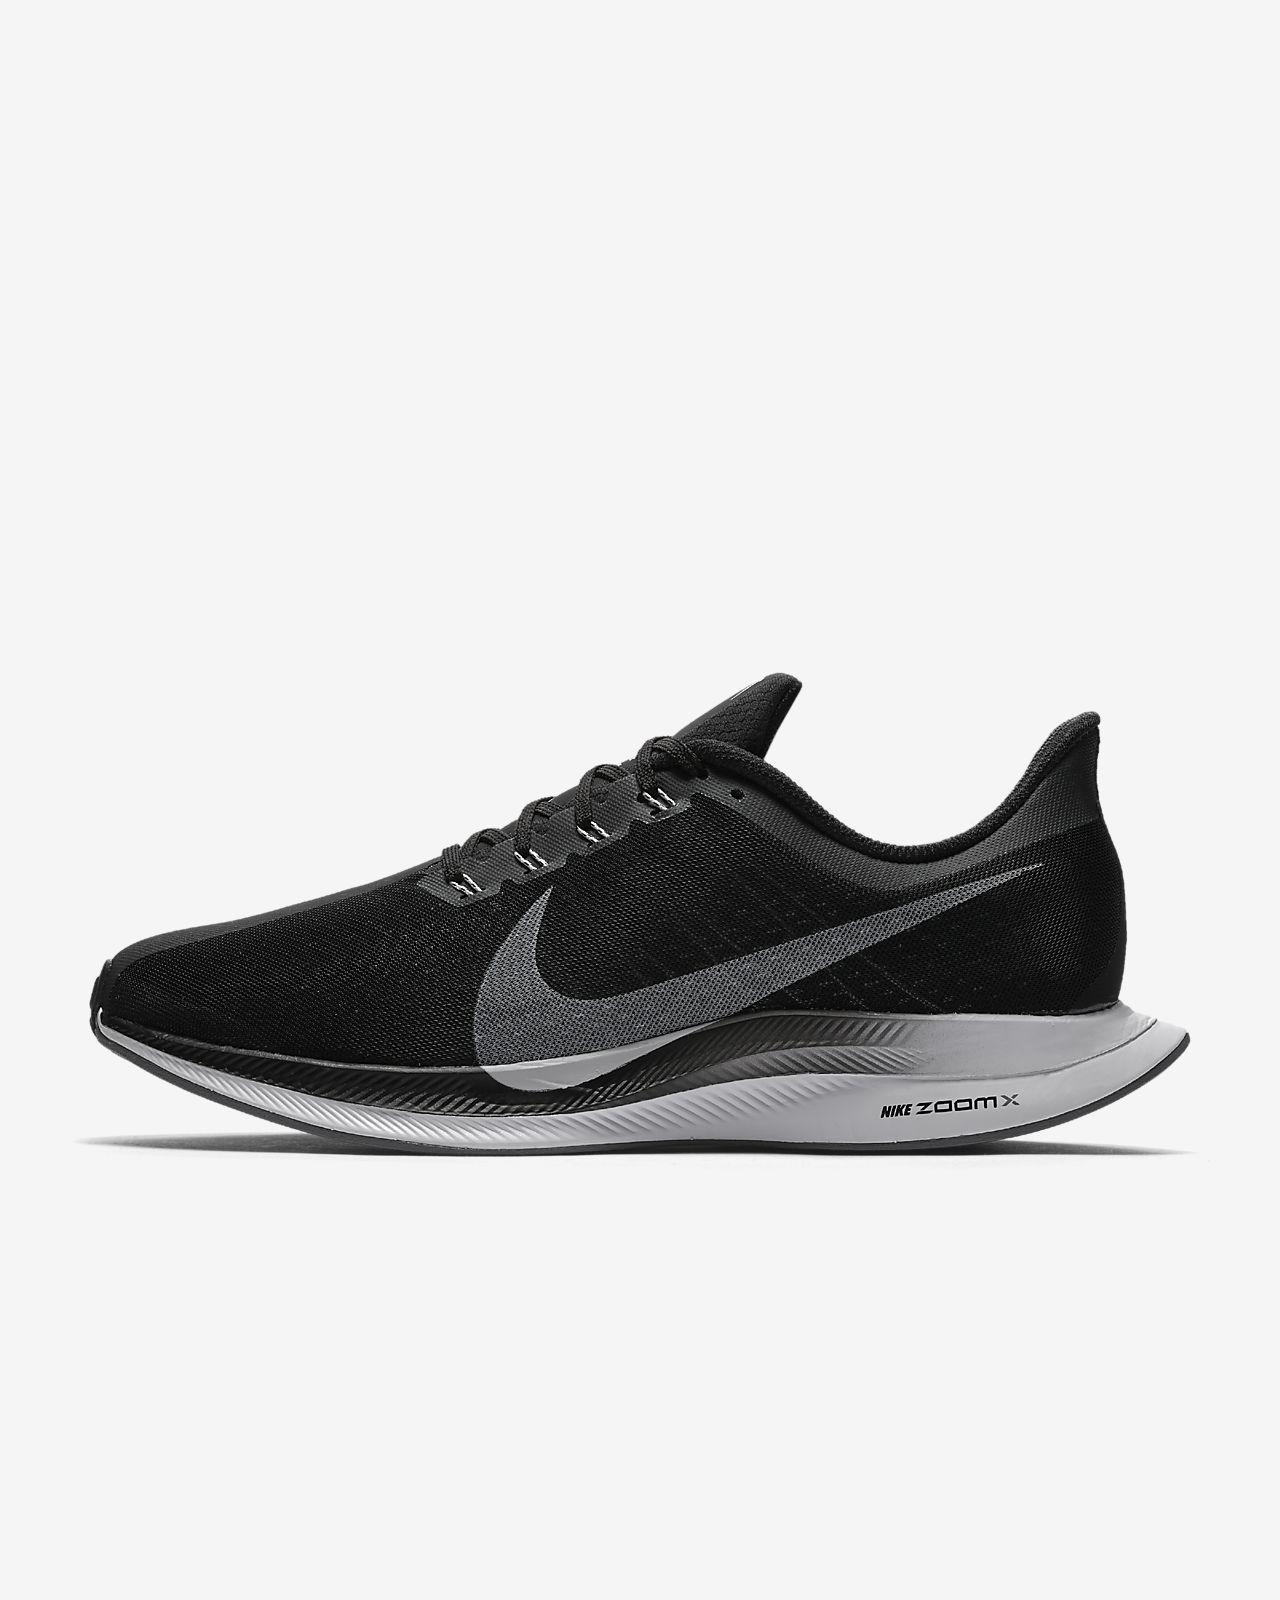 Nike Shoes Zoom Pegasus 35 Turbo Black White Men